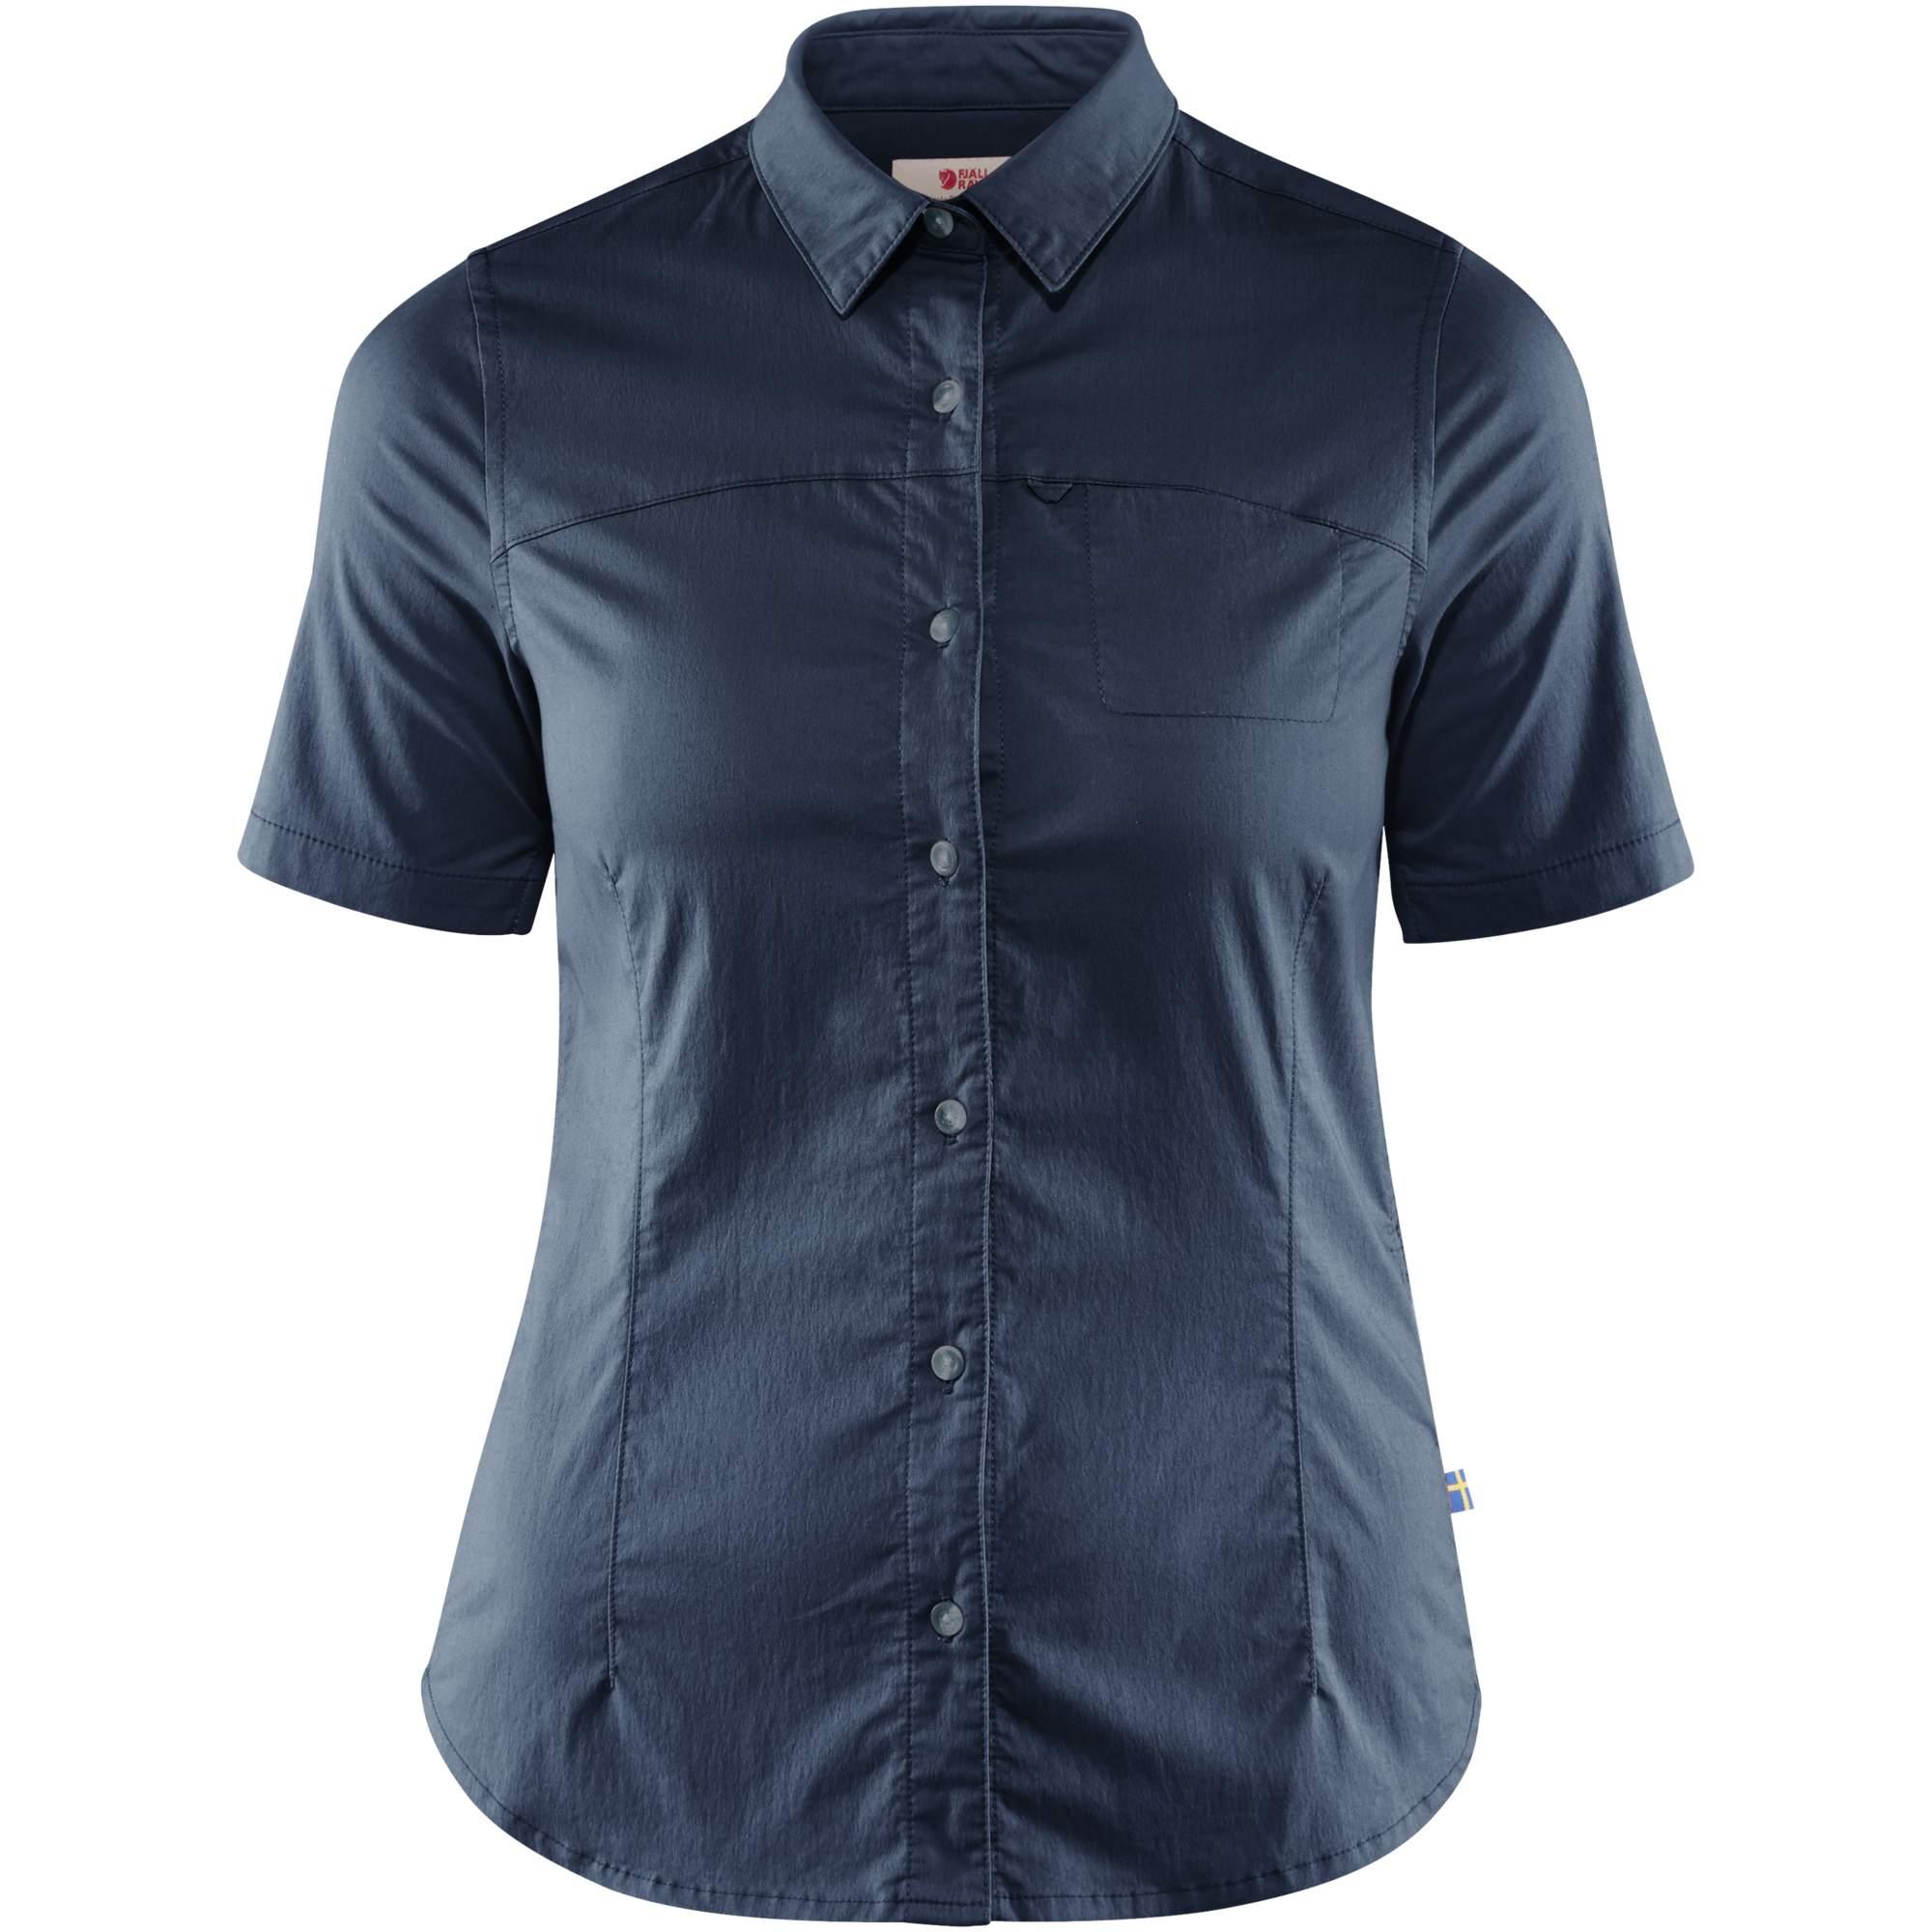 High Coast Stretch Shirt Short Sleeve - Women's